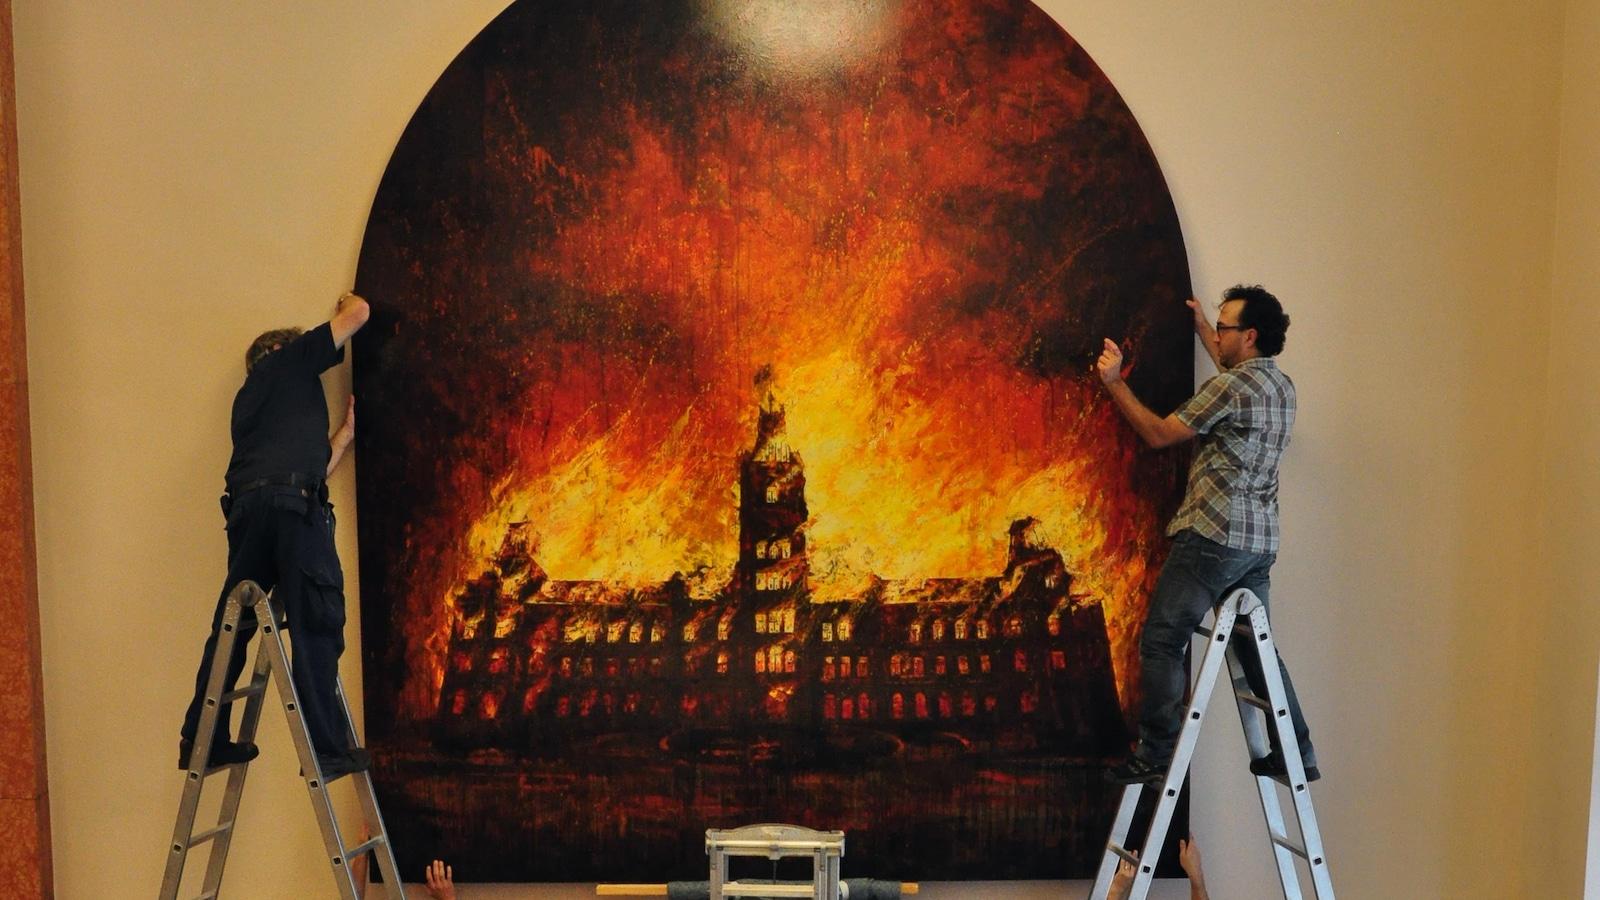 Cinq personnes et trois échelles entoure une toile installée sur un mur qui représente le parlement de Québec en feu.